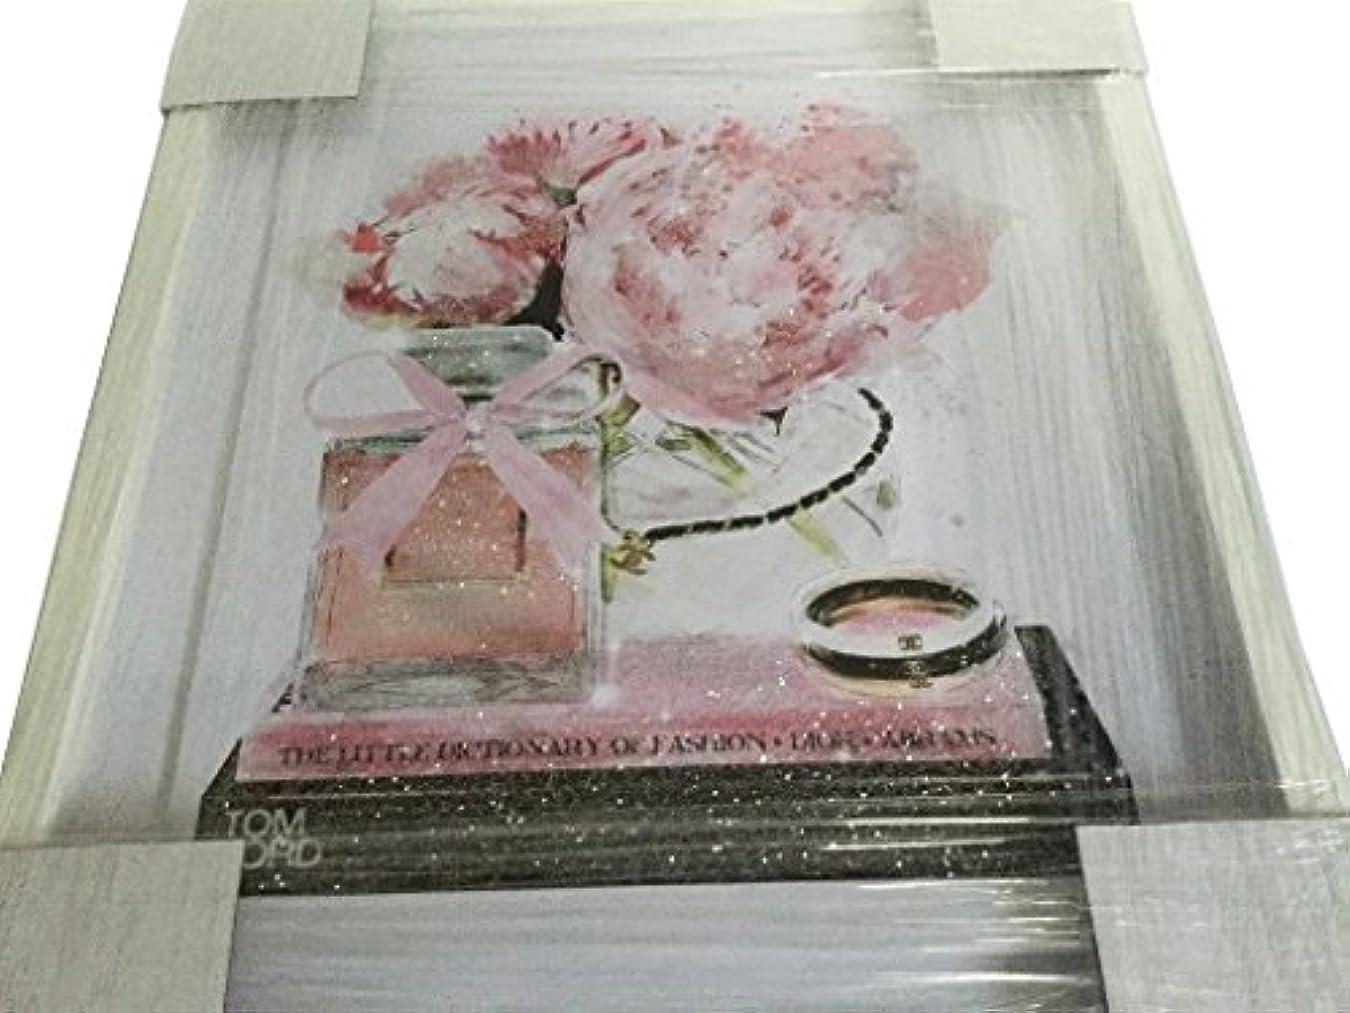 ジョージスティーブンソン腹痛スナップOliver Gal O83 Elegant Perfume and Morning CHANEL スワロフスキー (17×20インチ:43.18×50.8cm)